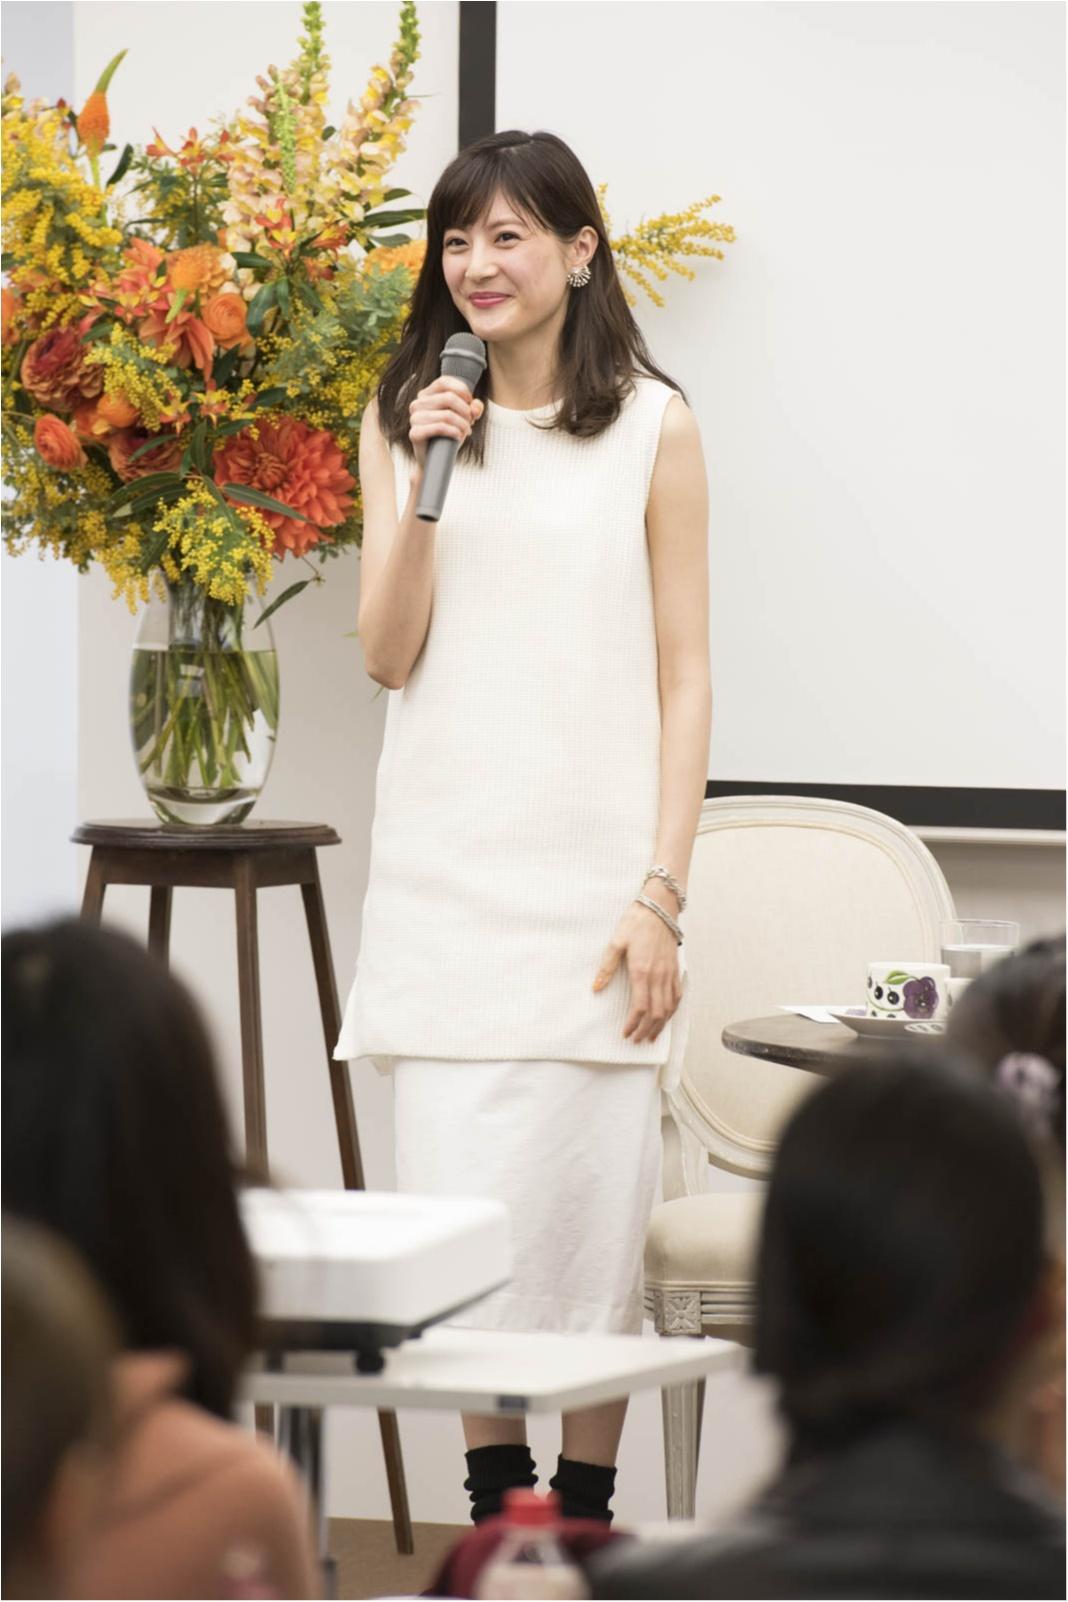 モデル佐藤ありさのこだわりがぎゅっ! 大人気ブランドの新作をイベントで発表しちゃいました☆_1